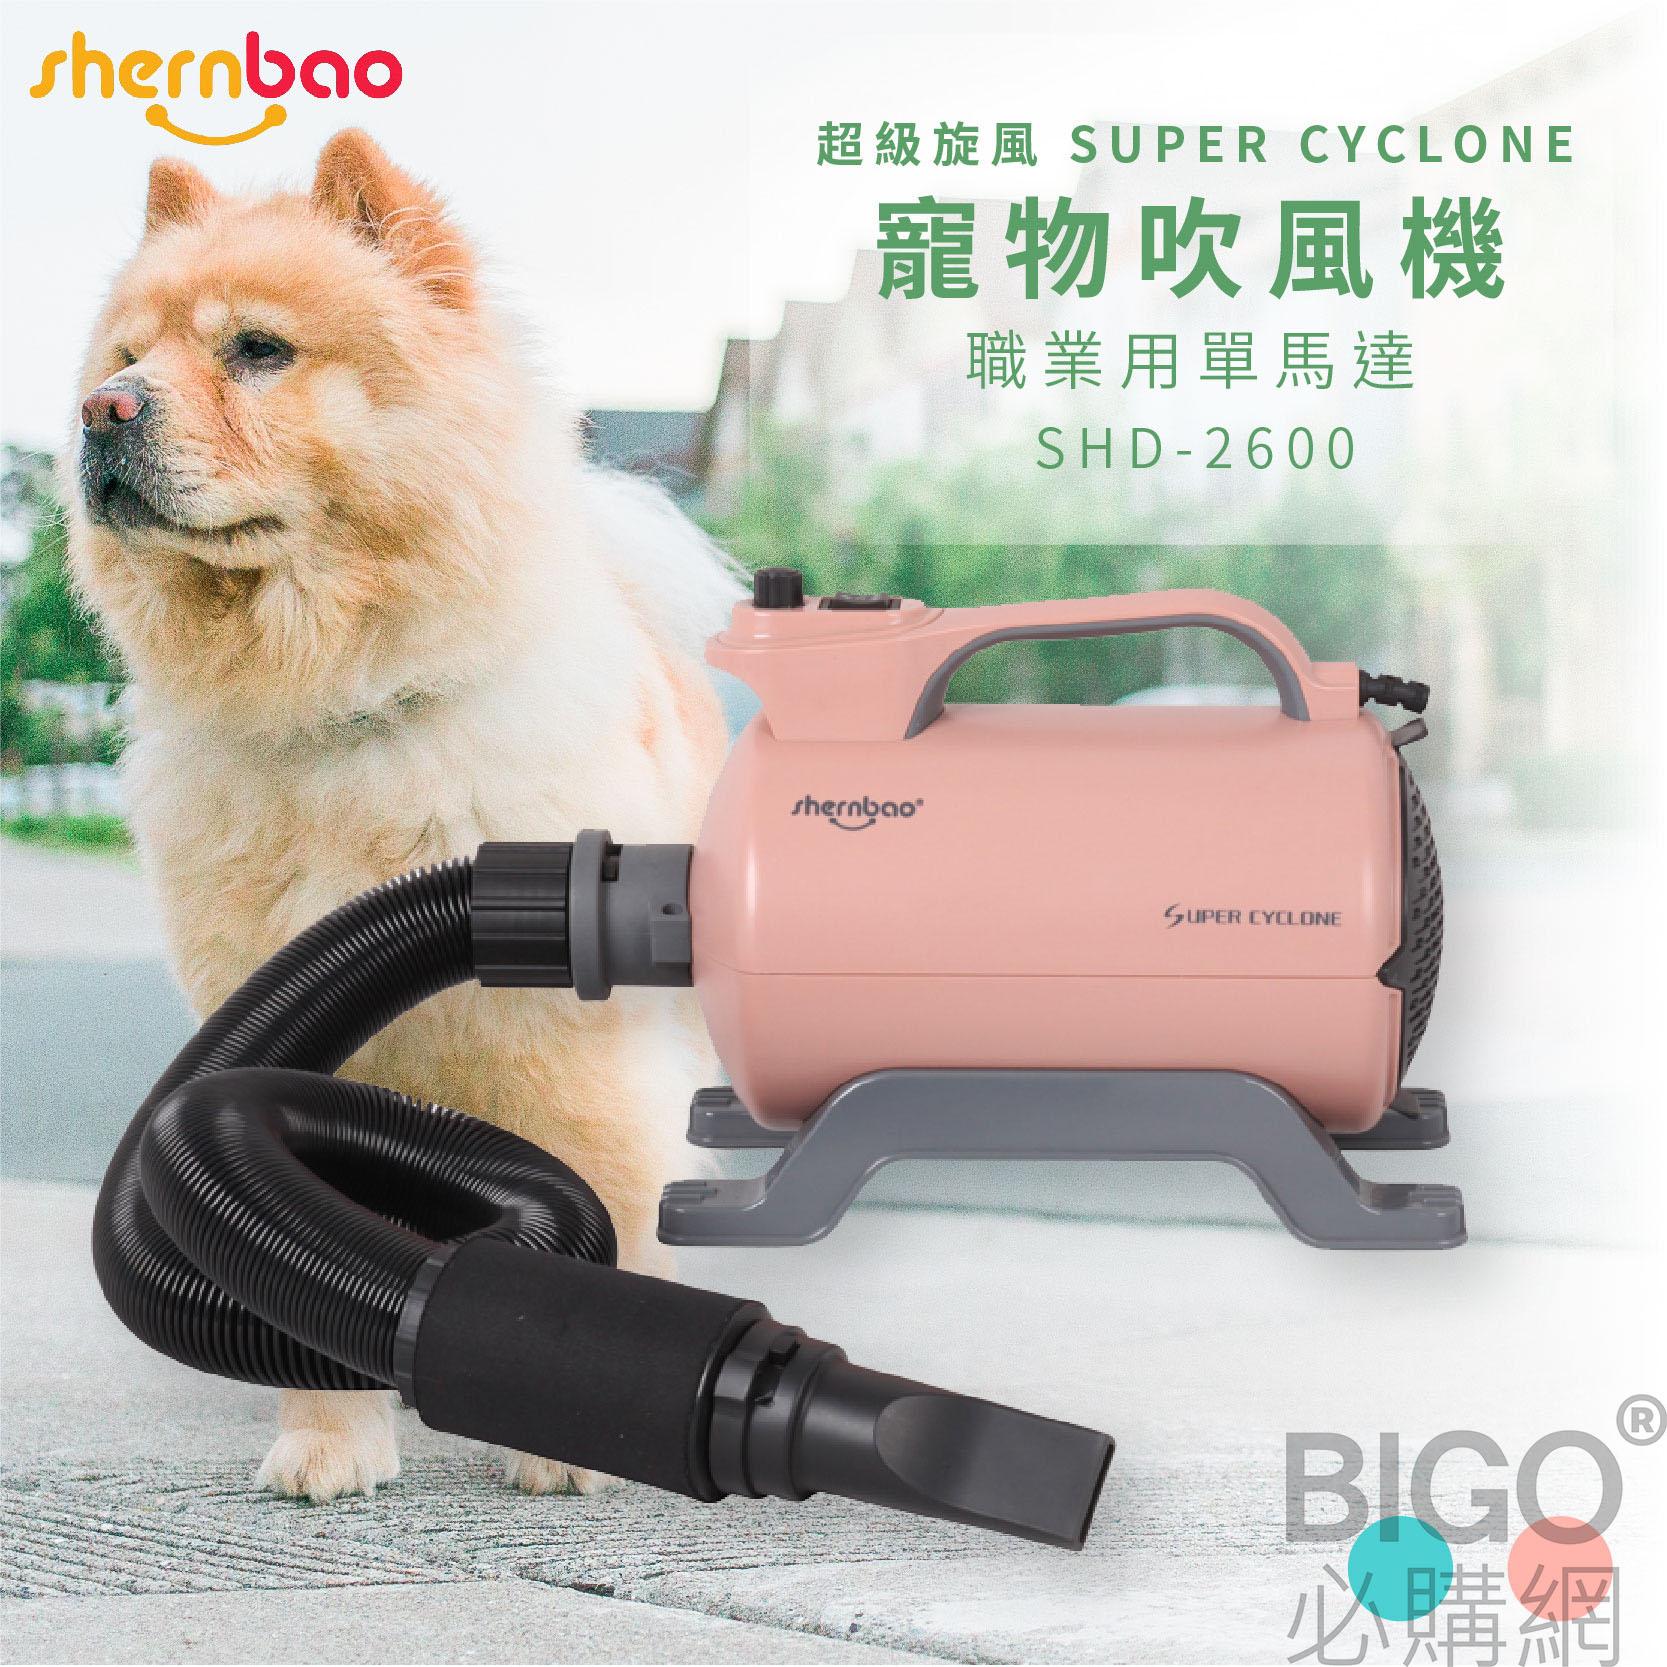 牠的型👉你行 SHD-2600 超級旋風寵物吹風機 粉色 職業用單馬達 寵物吹水機 寵物洗澡 風乾 寵物用品 寵物美容